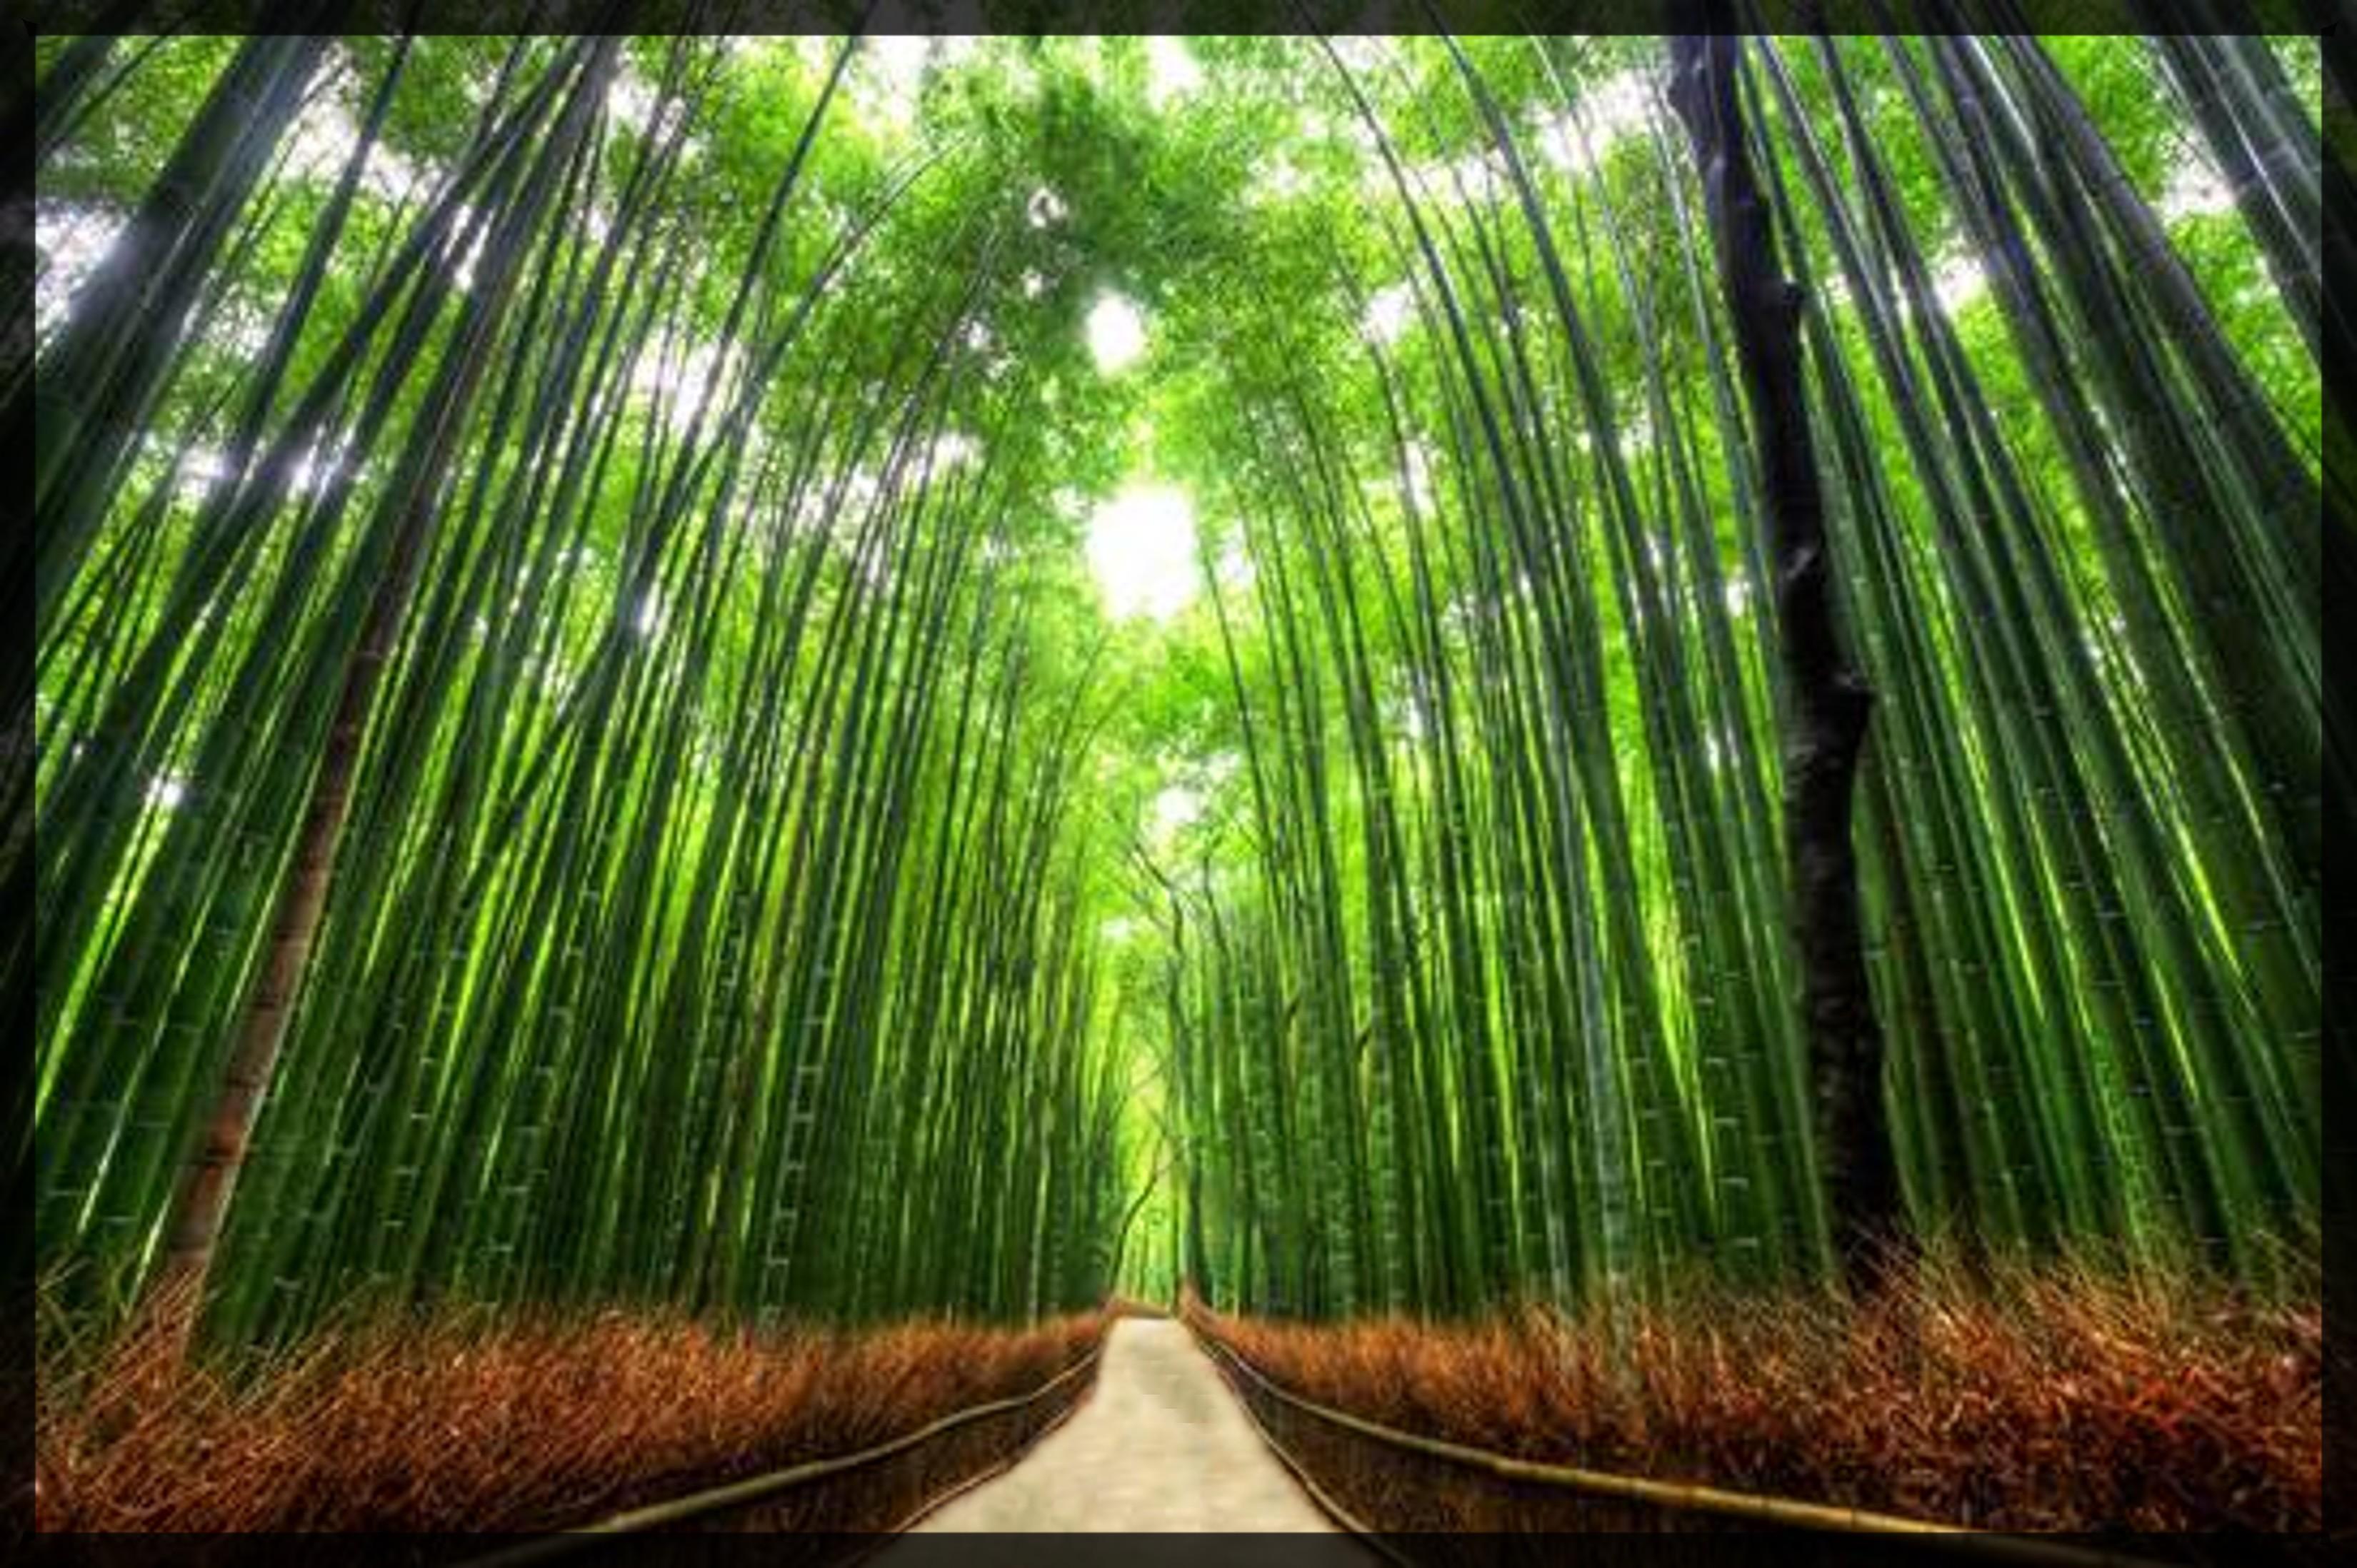 嵐山竹林 に対する画像結果